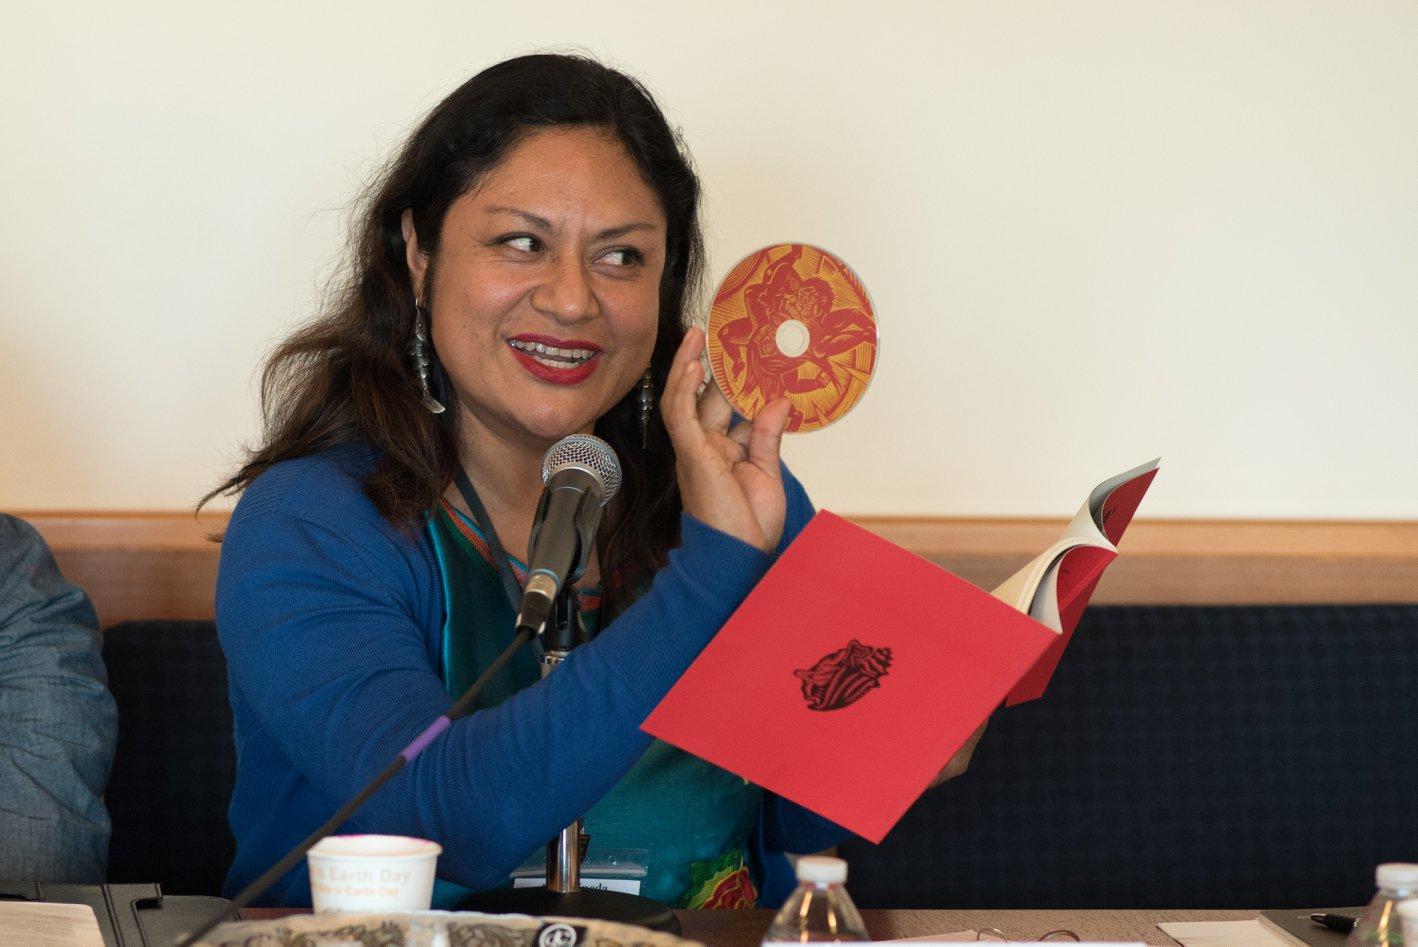 Photo of Irma Pineda candidata a representar a indígenas del continente ante la ONU